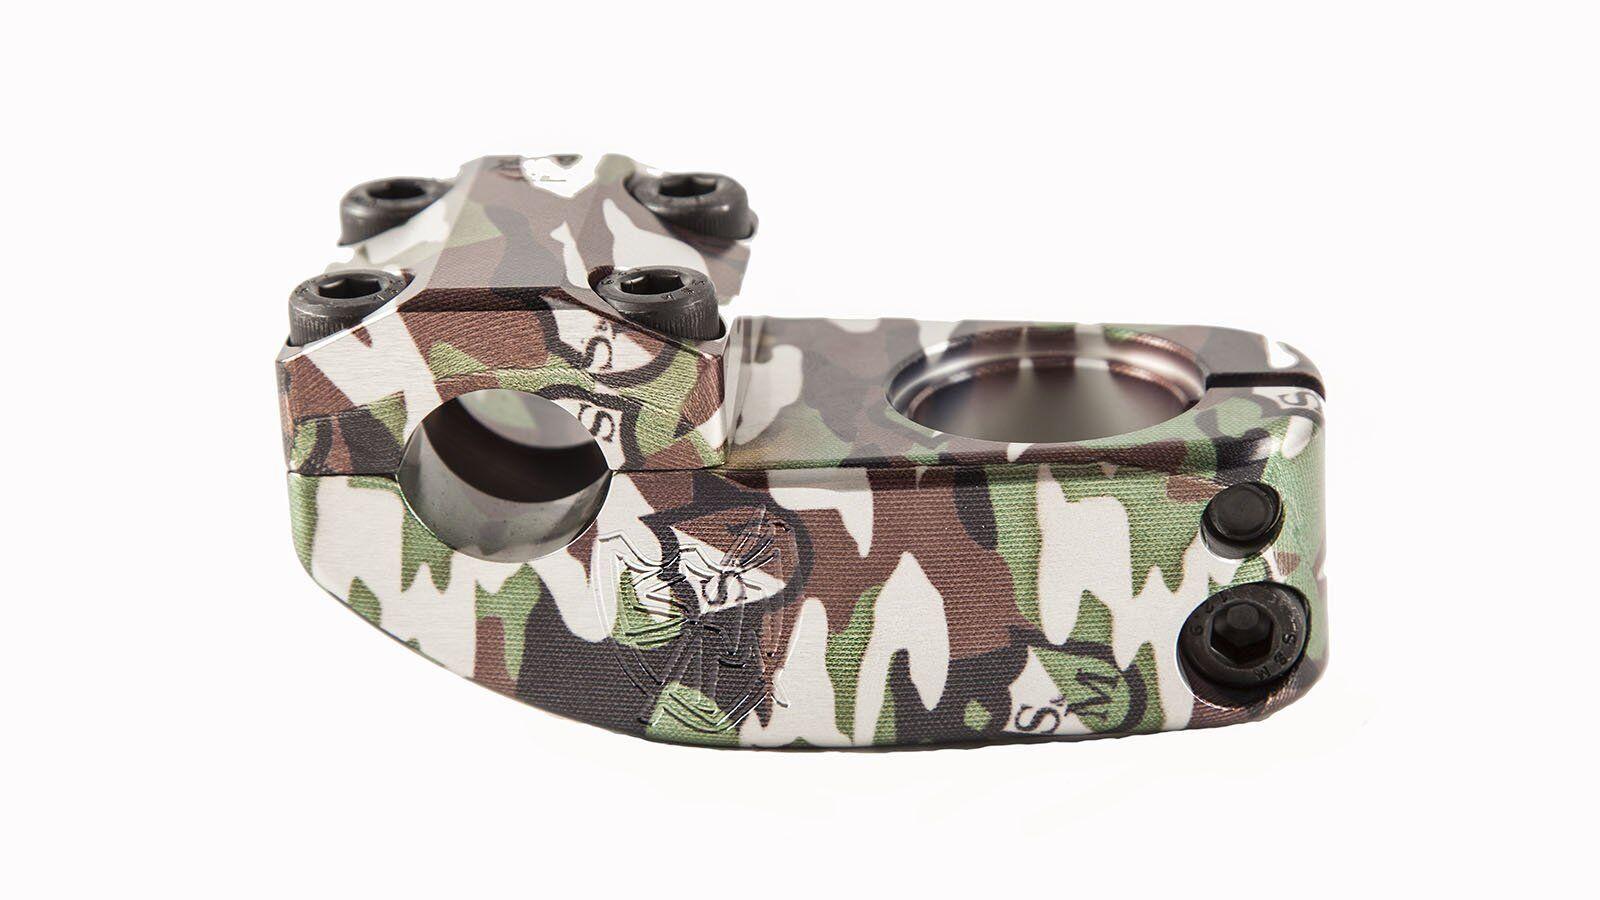 S&M Enduro v2 BMX Stem - Camo Shield Wrap